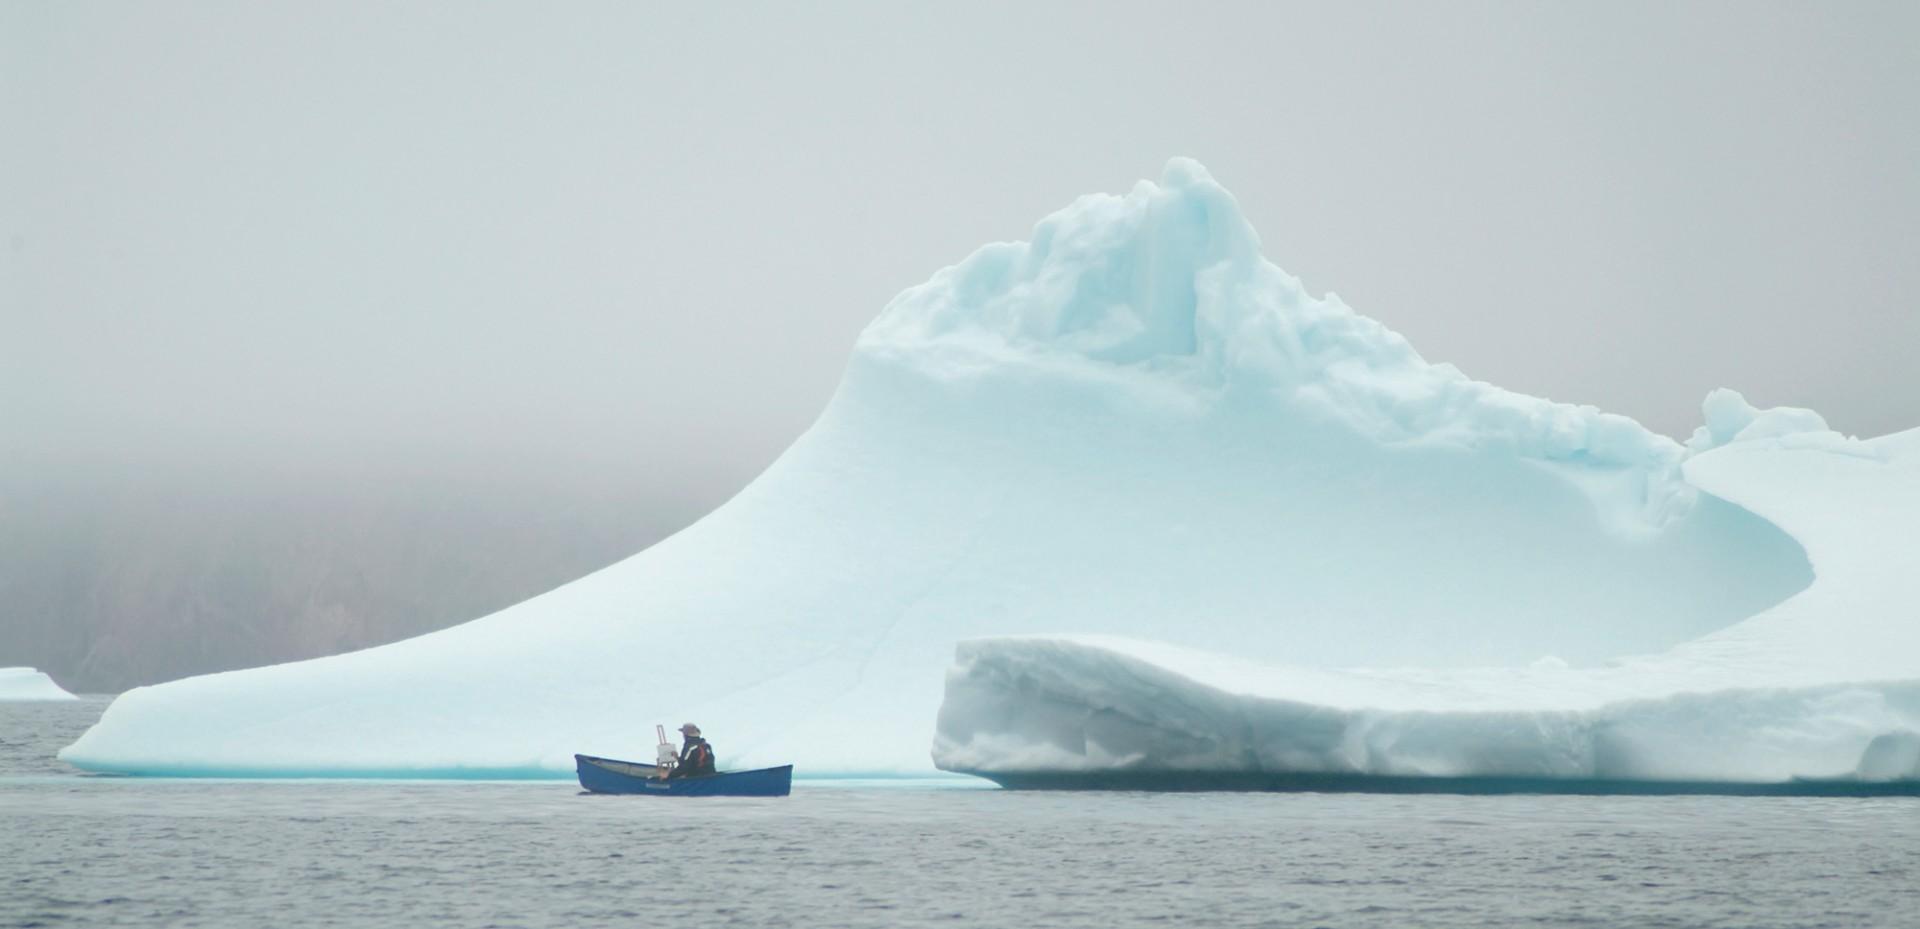 Trepanier,ITA-II,-Painting-Iceberg-from-Canoe